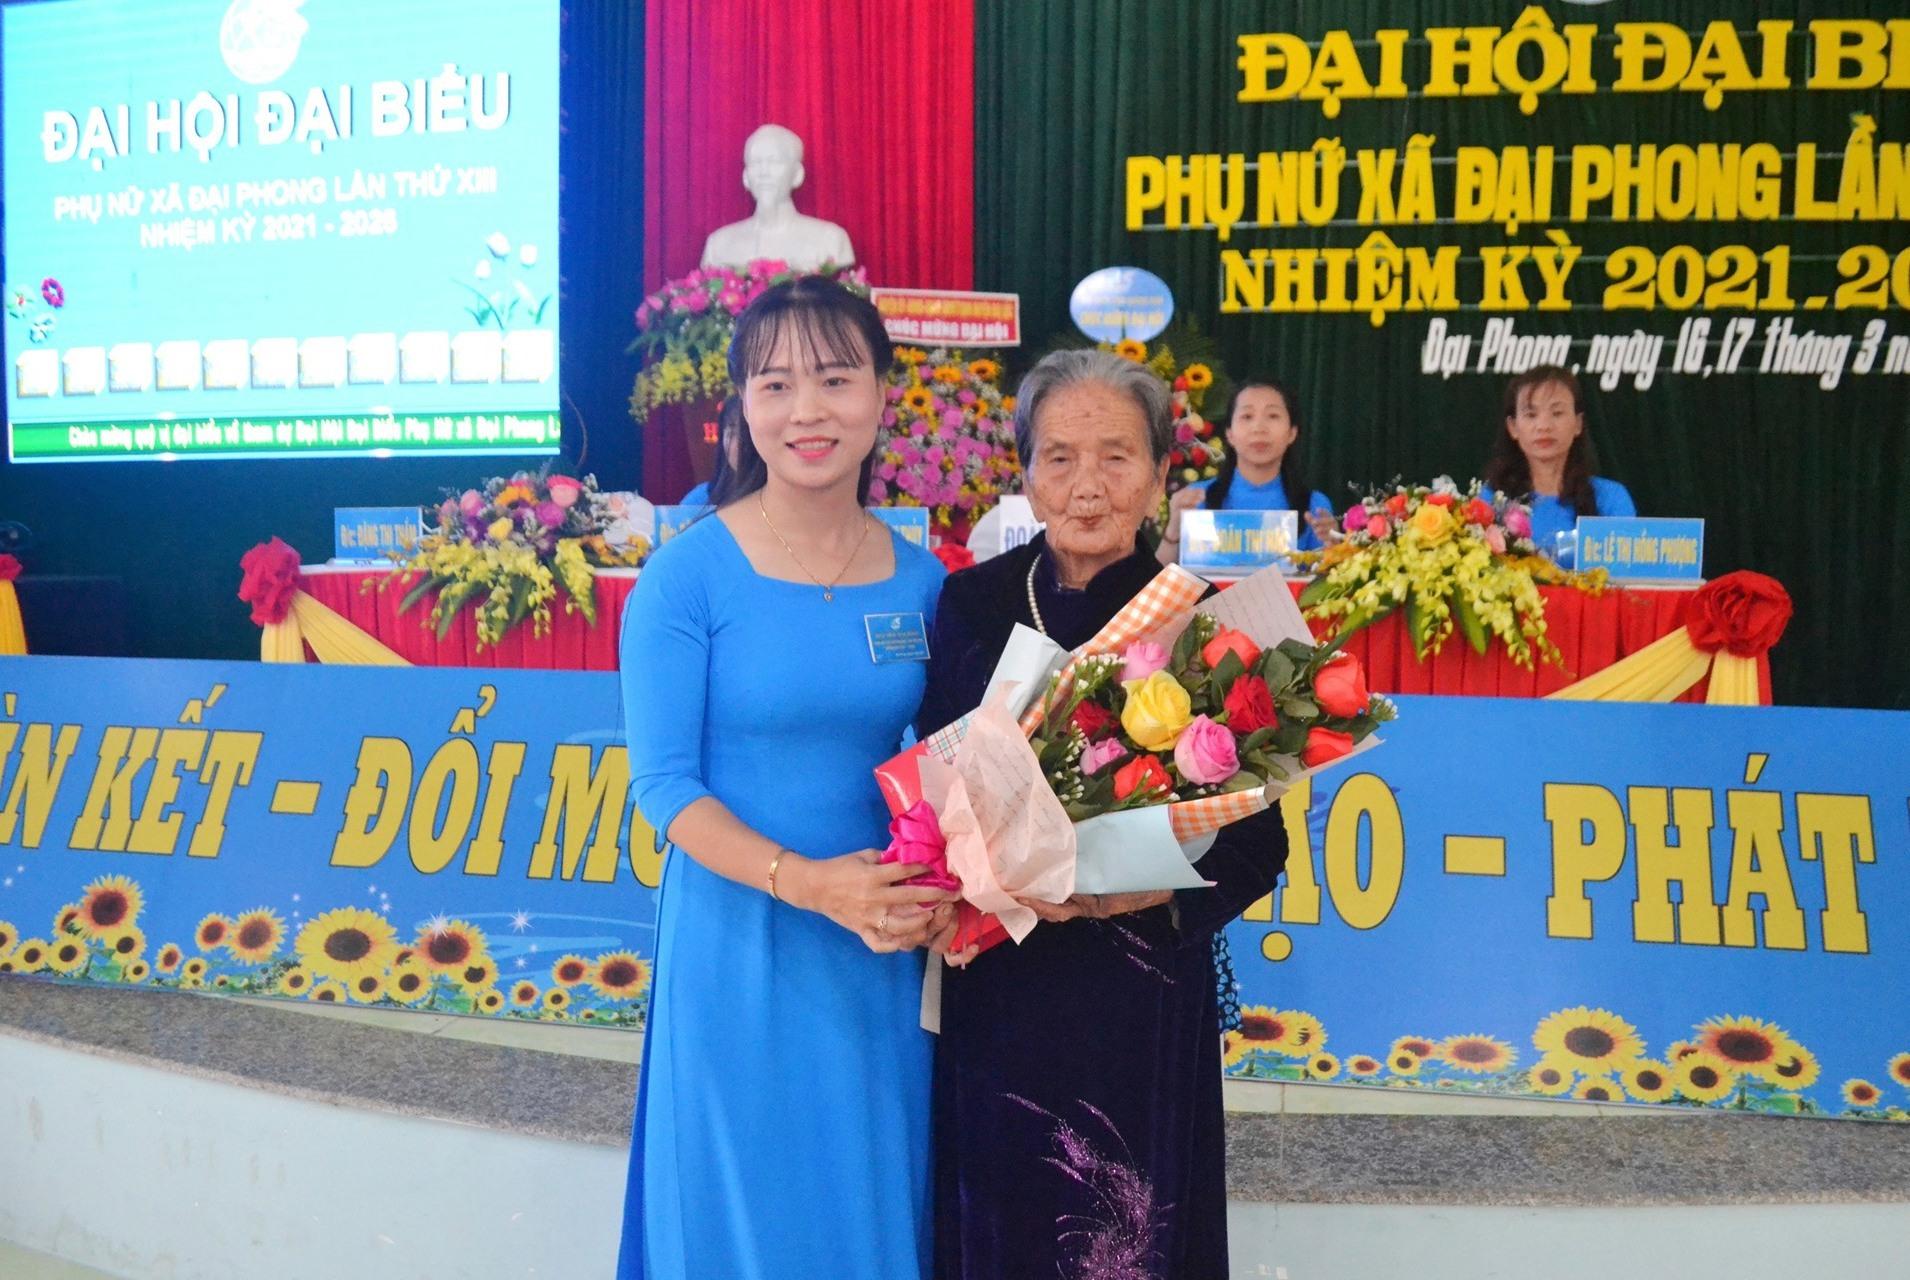 Chủ tịch Hội LHPN xã Đại Phong - bà Tào Thị Bích Thủy trao tặng quà và hoa cho Bà mẹ Việt Nam anh hùng. Ảnh: KK